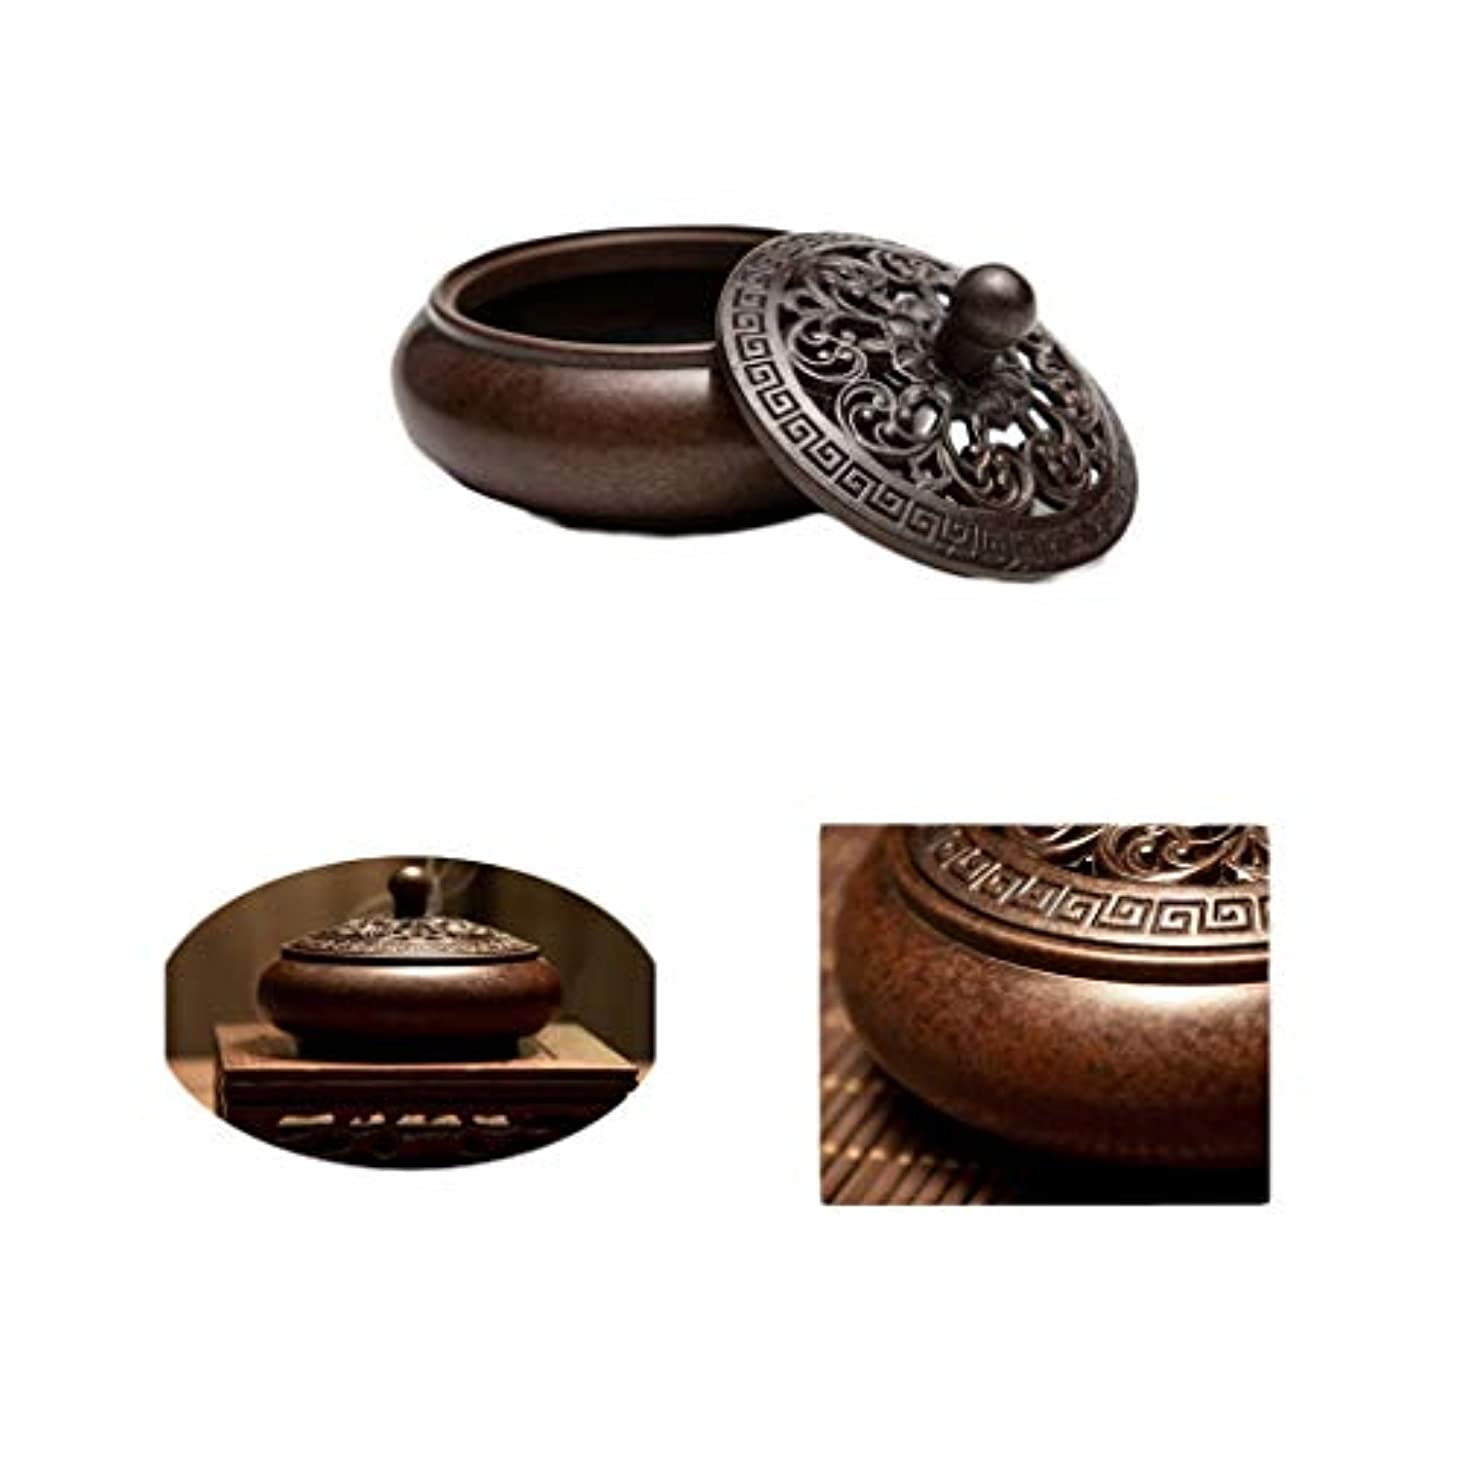 間隔公平な先住民ホームアロマバーナー 純銅香炉アンティーク香炉吉祥香炉手作り香炉 アロマバーナー (Color : Brass)